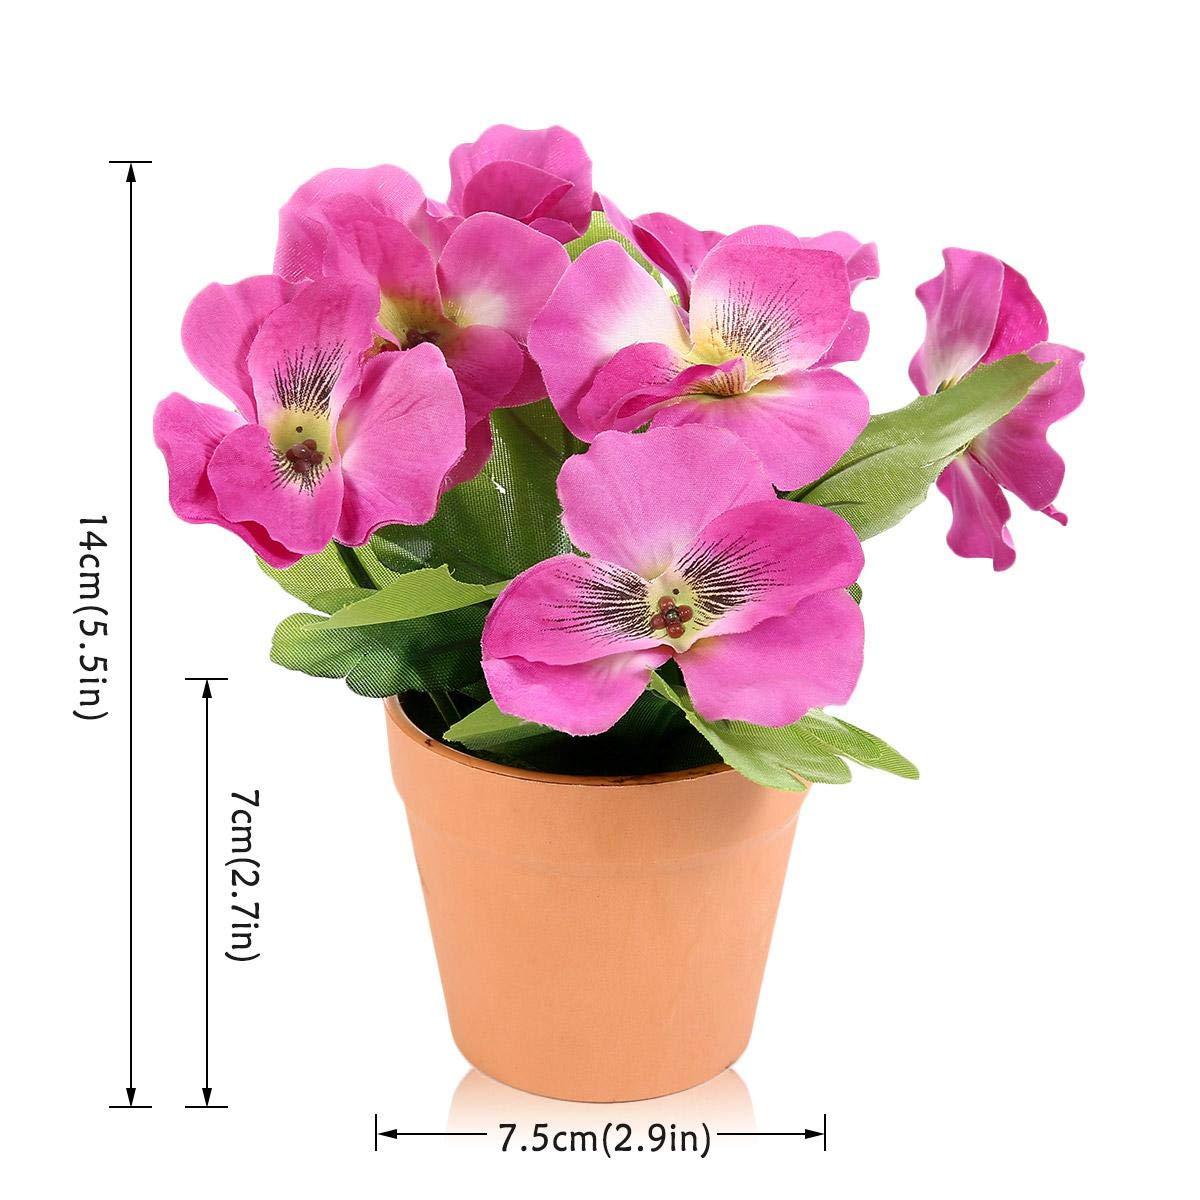 KOBWA Bonsa/ï De Pansy Fleurs Artificielles avec Un Pot De Fleurs Exquis pour Accueil H/ôtel De Mariage F/ête Jardin D/écoration